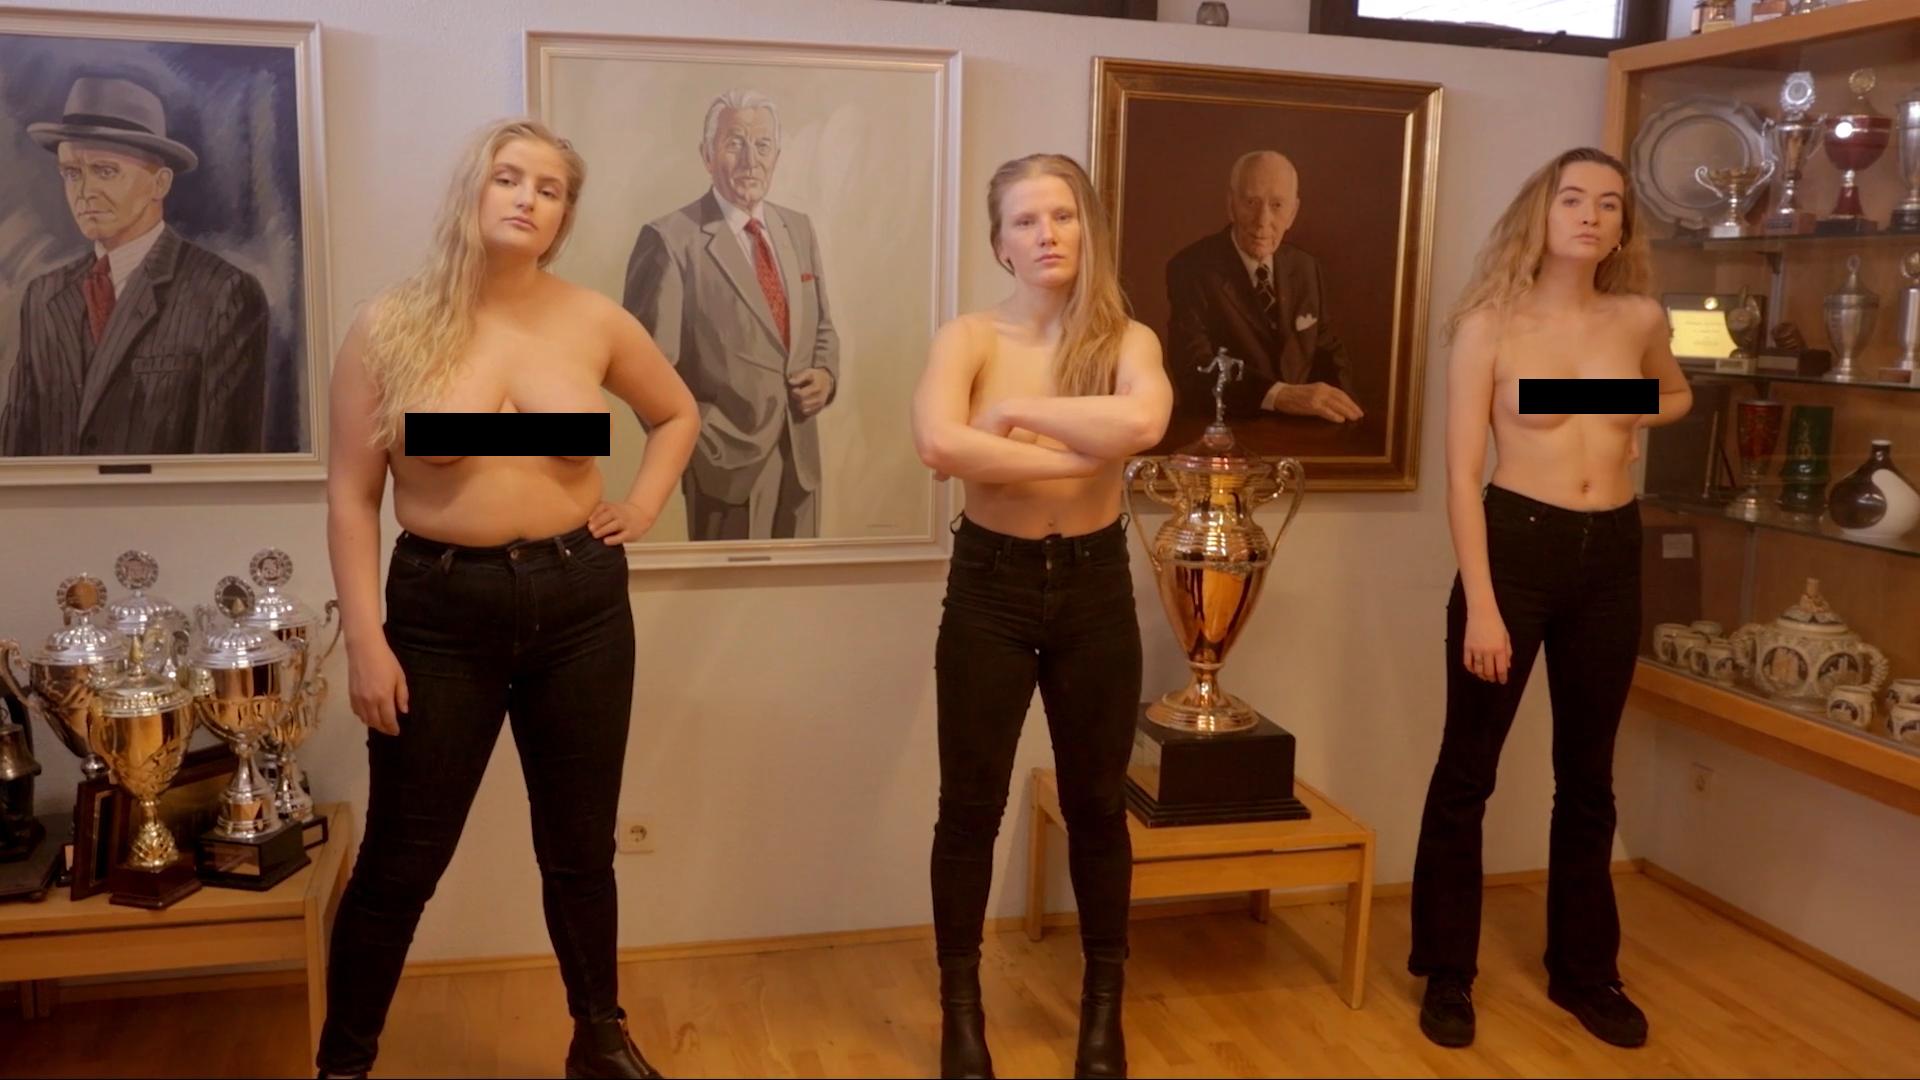 Félmeztelen nőket fotóztak az izlandi parlamentben, kiakadt az egyik képviselő